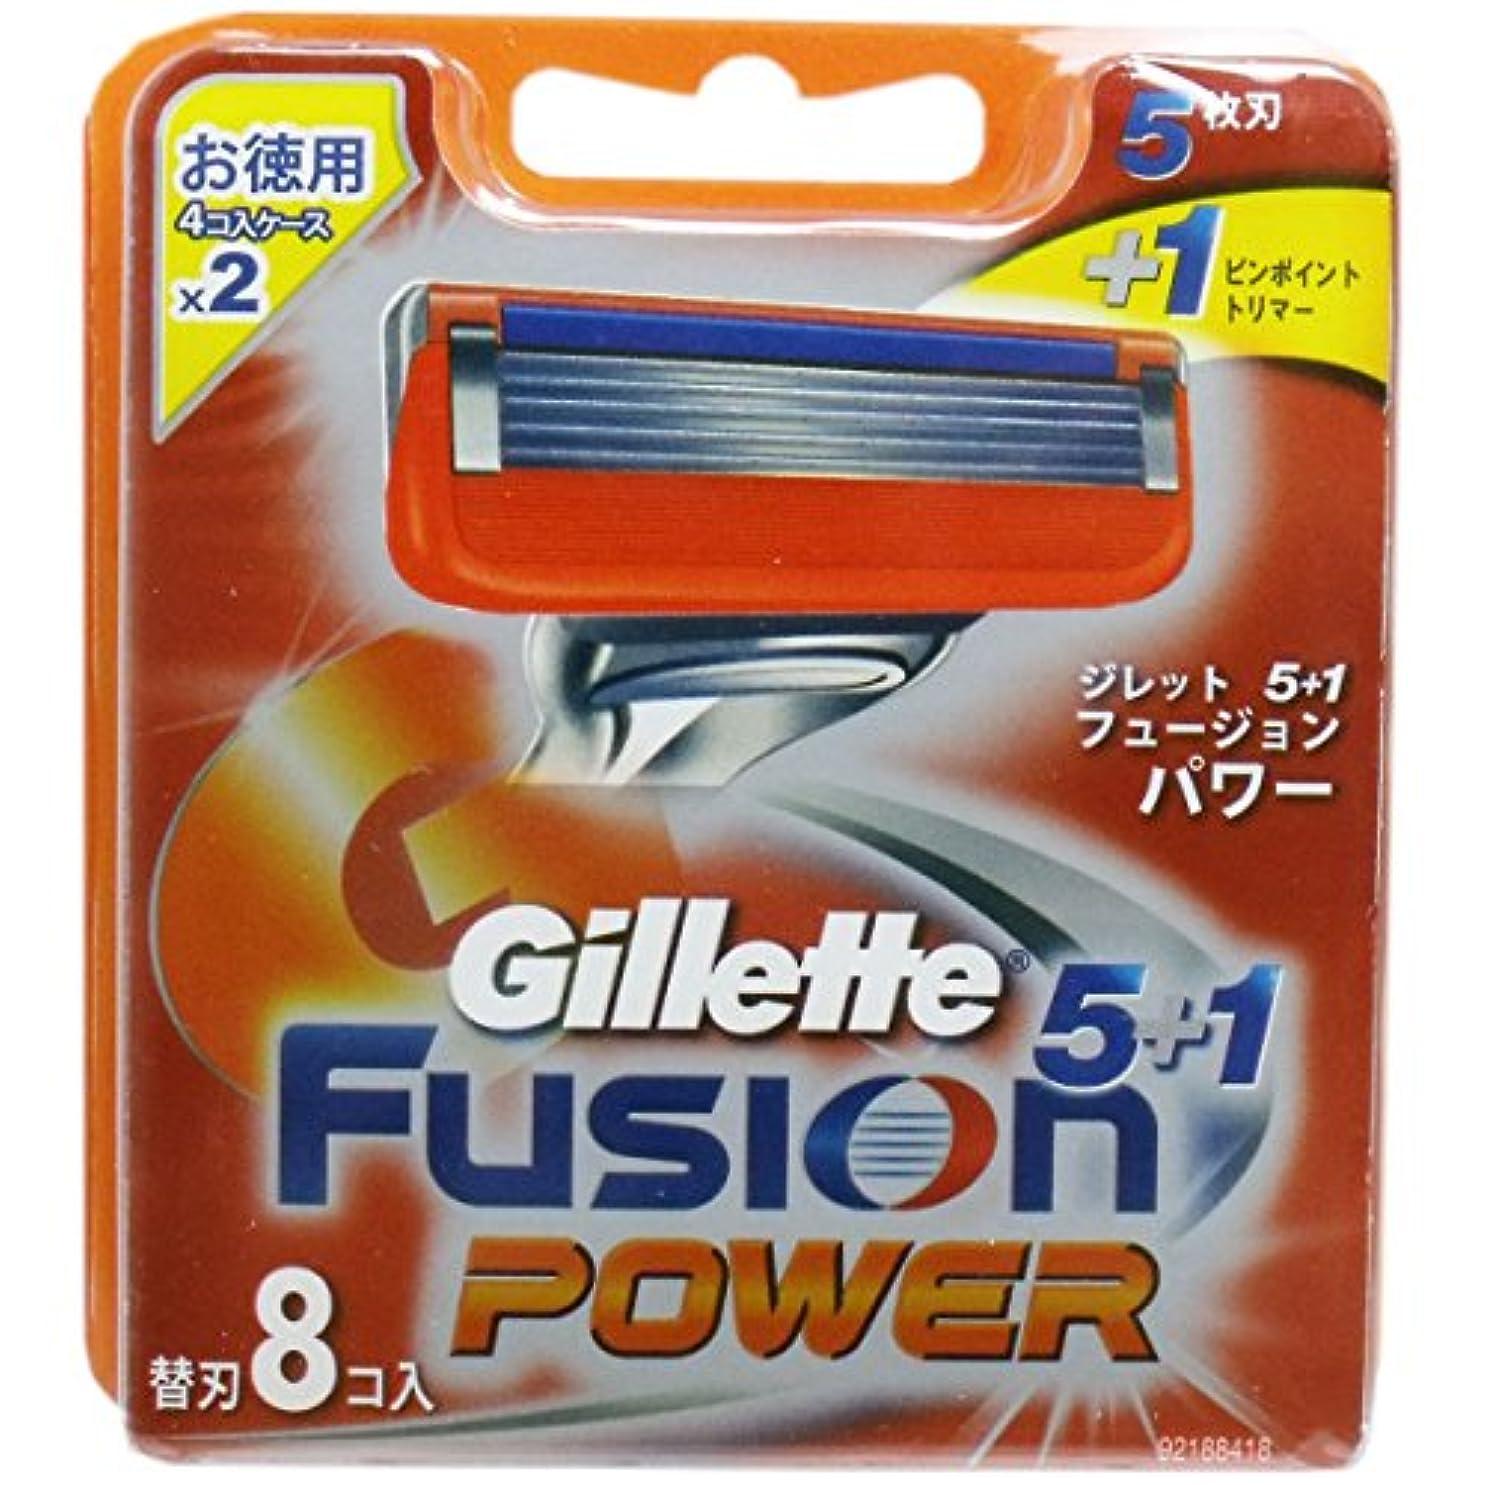 電気的倉庫モス<お得な2個パック>ジレット フュージョン 5+1 パワー 替刃8個入り×2個